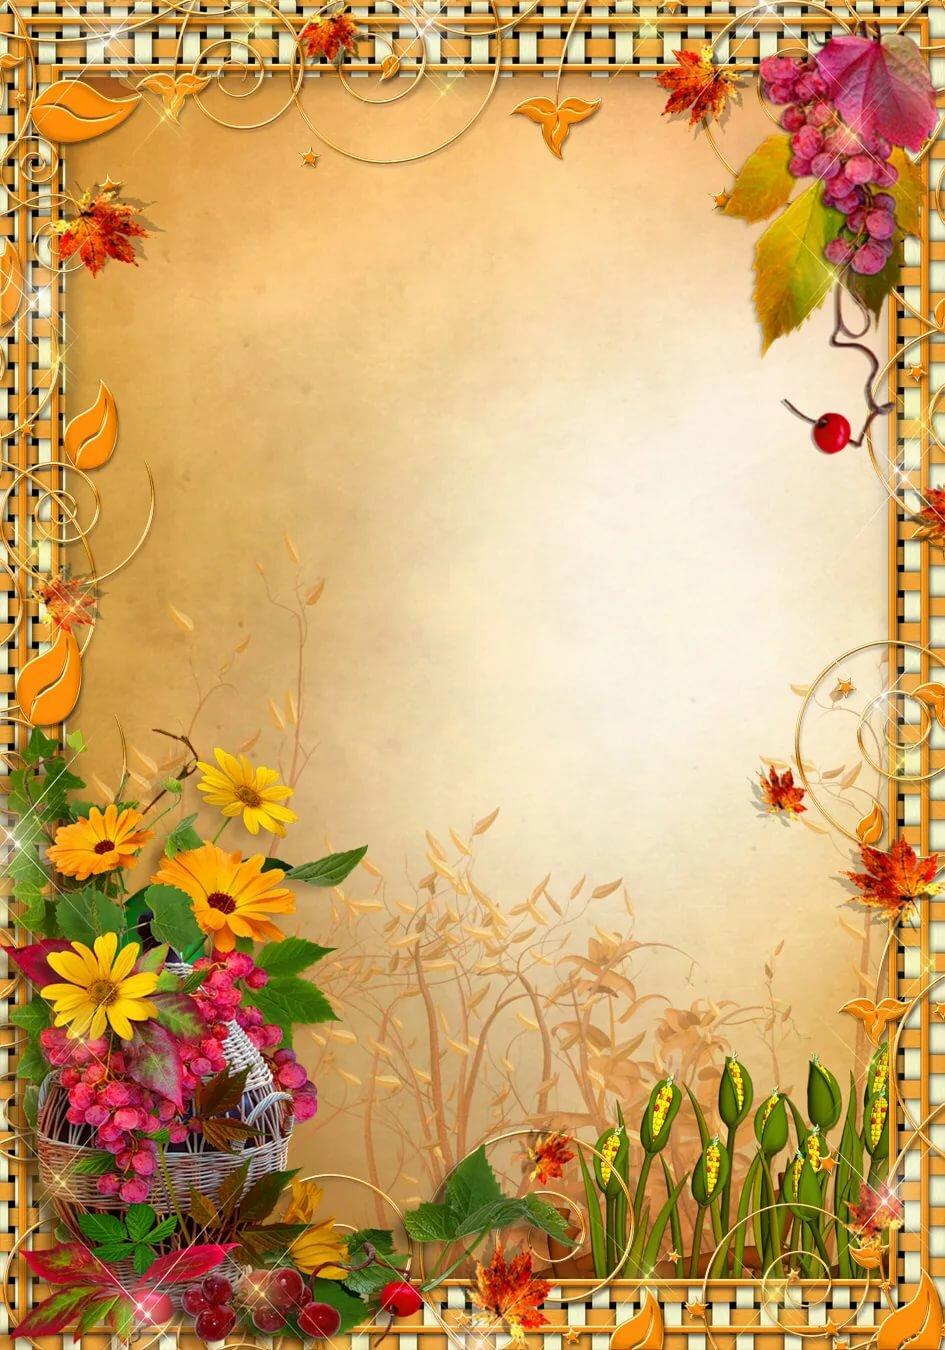 Картинки новый, фон для поздравления с днем рождения осенью